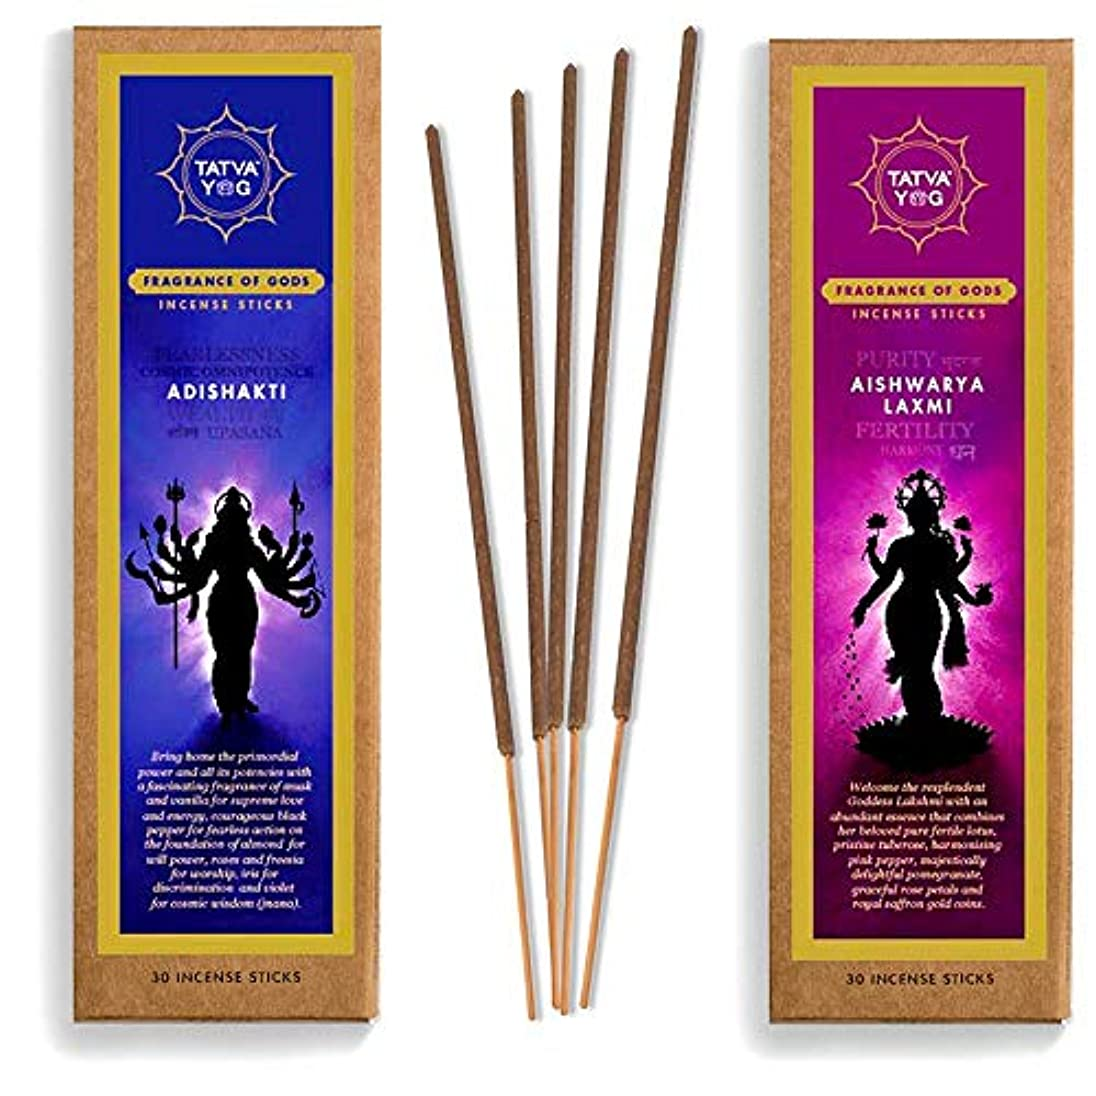 化学者クリームヒステリックTatva YOG Adishakti and Aishwarya Lakshmi Handcrafted Natural Masala Incense Sticks for Daily Pooja Festive Office...